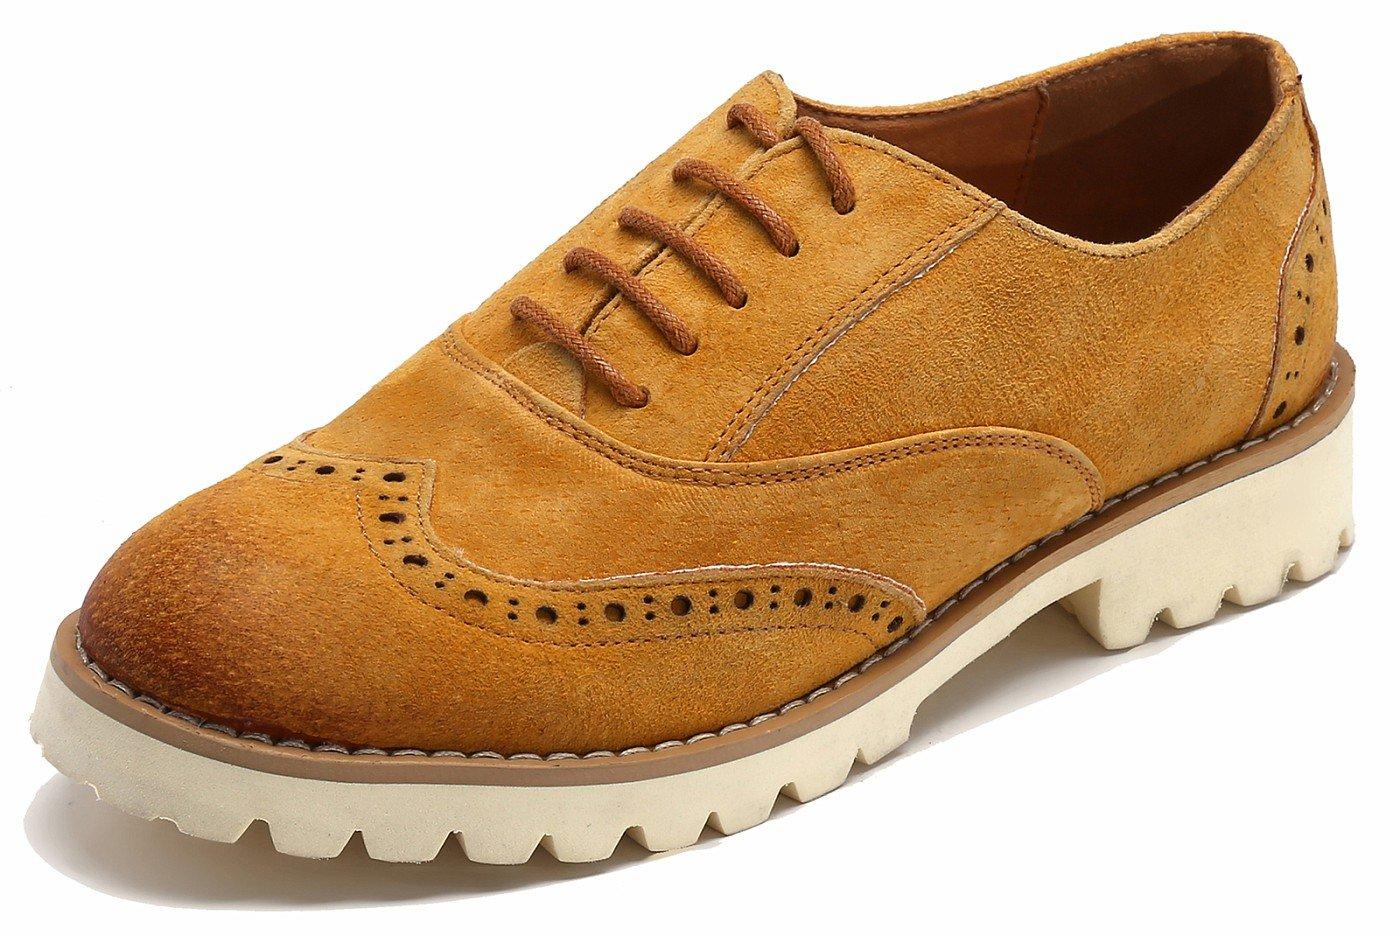 SimpleC Femme Derbies Oxfords en Occasionnelles Cuir à Lacets Confortables, 19999 Chaussures Les Chaussures de Daim, Chaussures Occasionnelles Ultra-Légères 35-40 Marron abc6786 - latesttechnology.space